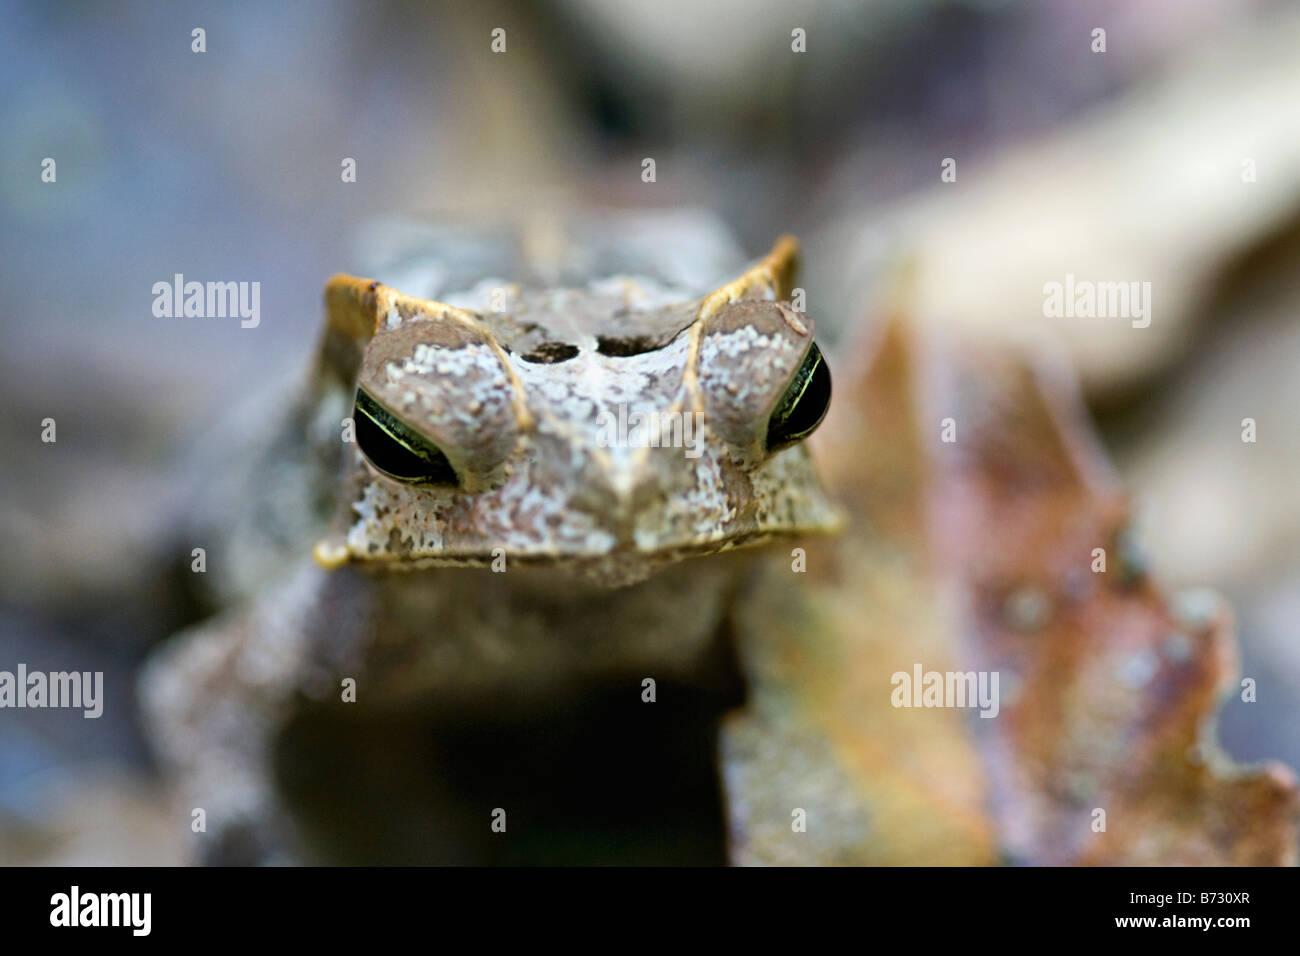 Il Suriname, Brownsweg, Brownsberg Parco Nazionale. Il rospo cornuta. Immagini Stock